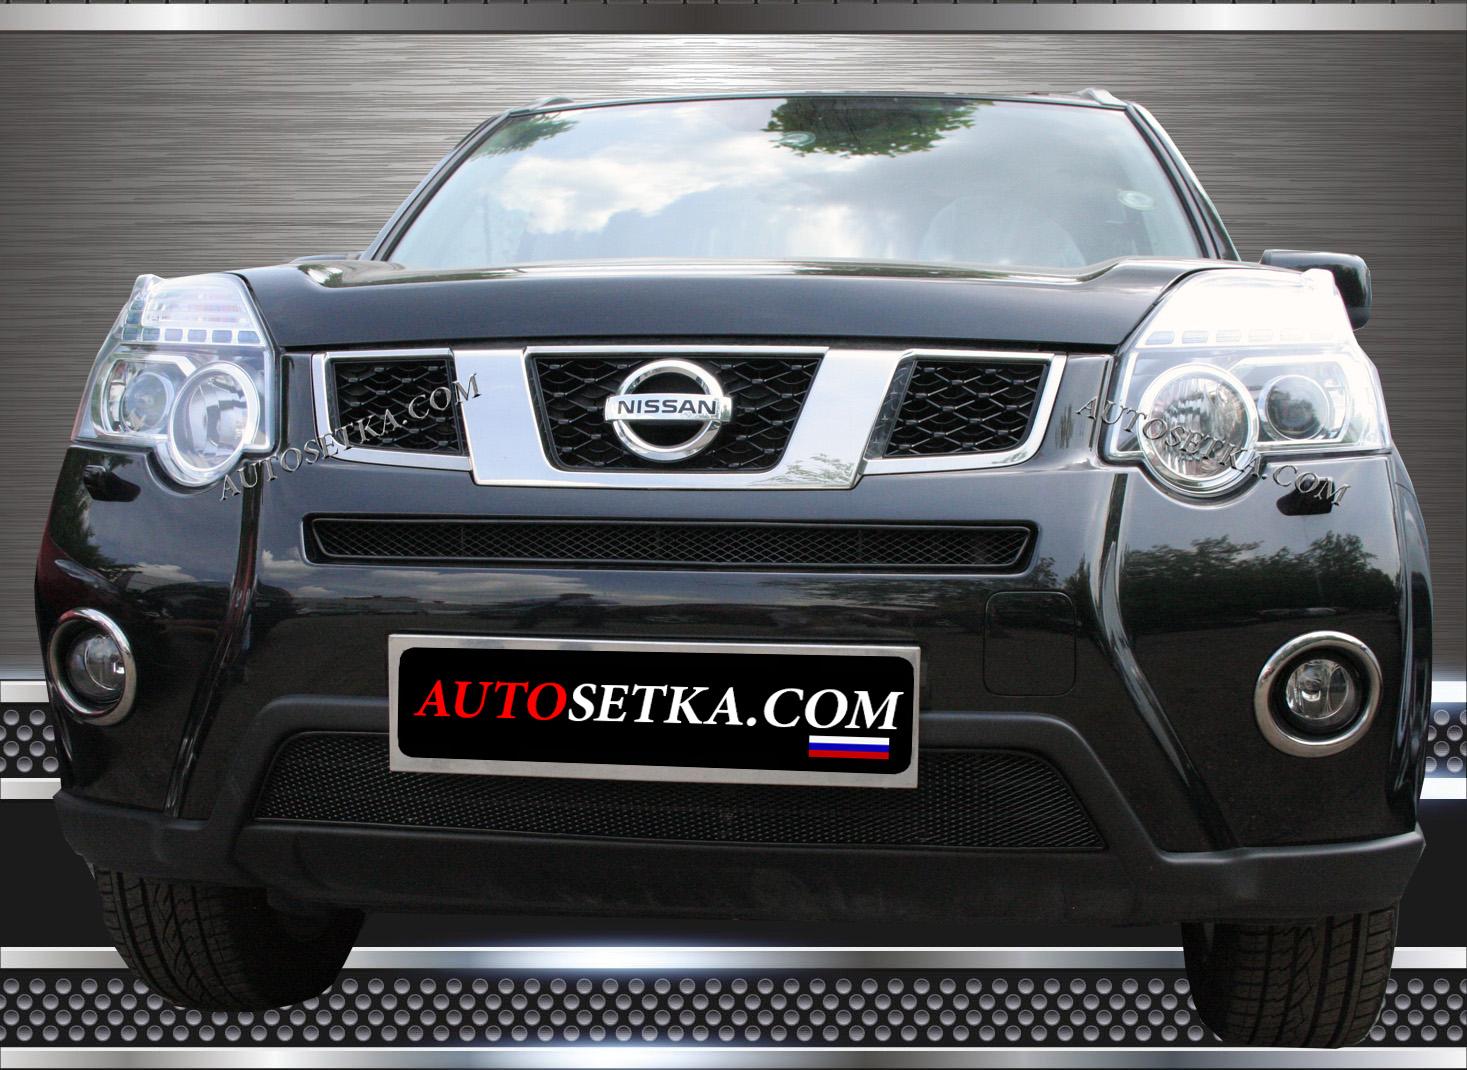 Nissan X-Trail (2010-2015)